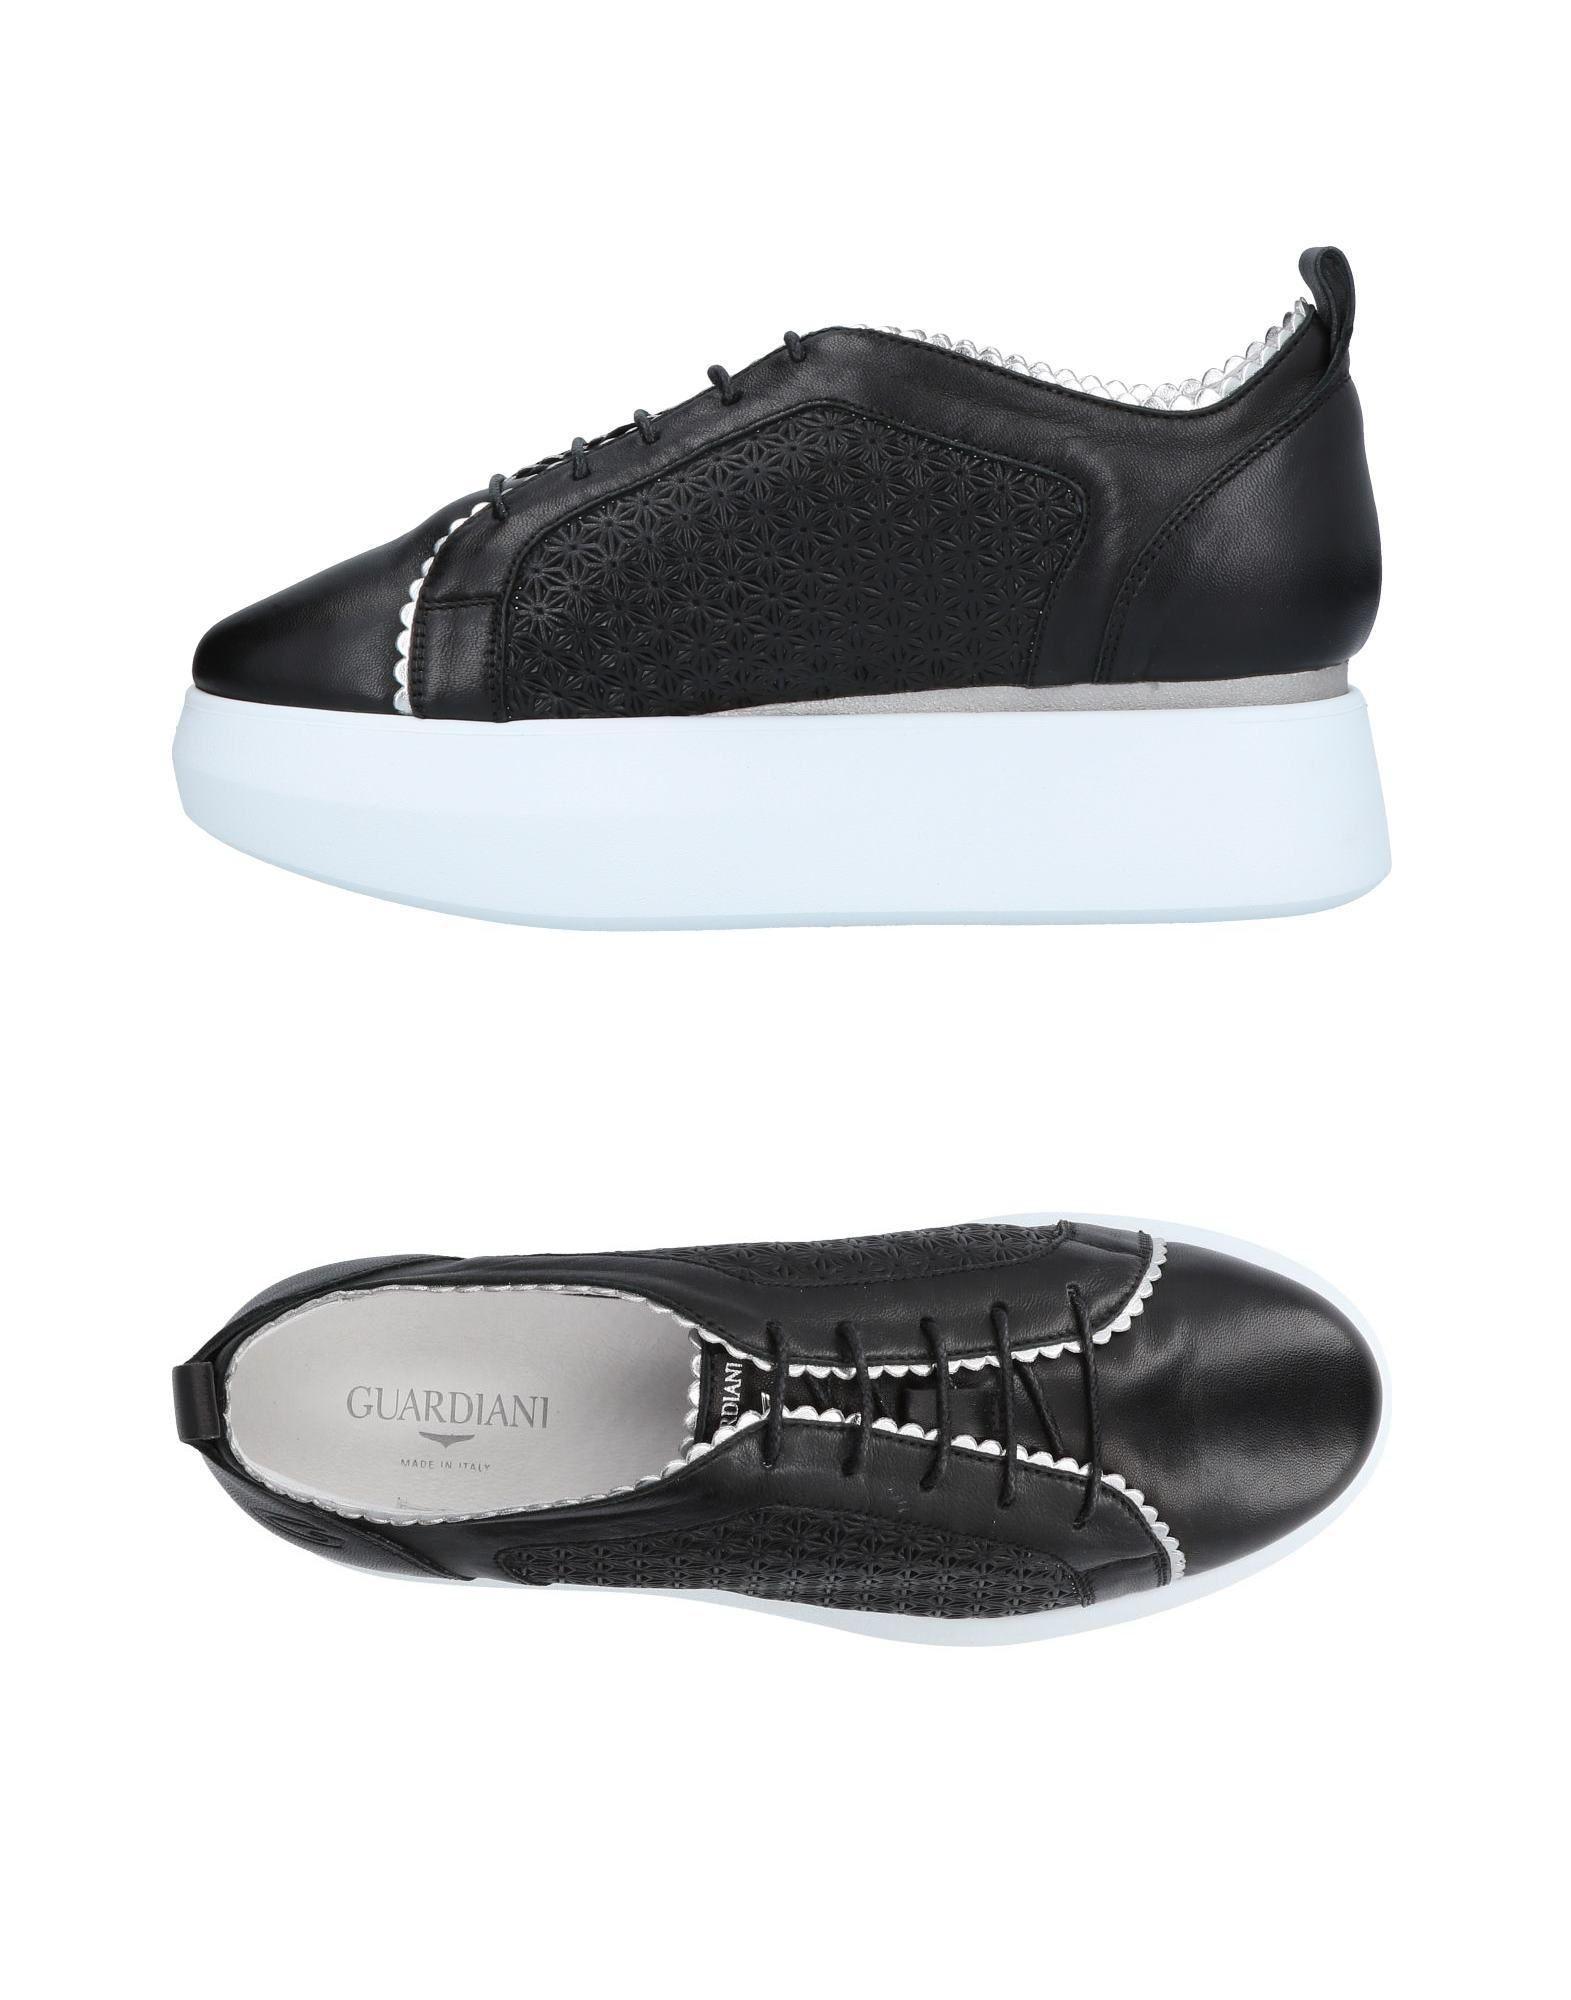 Los últimos mujeres zapatos de descuento para hombres y mujeres últimos Zapatillas Alberto Guardiani Mujer - Zapatillas Alberto Guardiani  Negro cb2abe